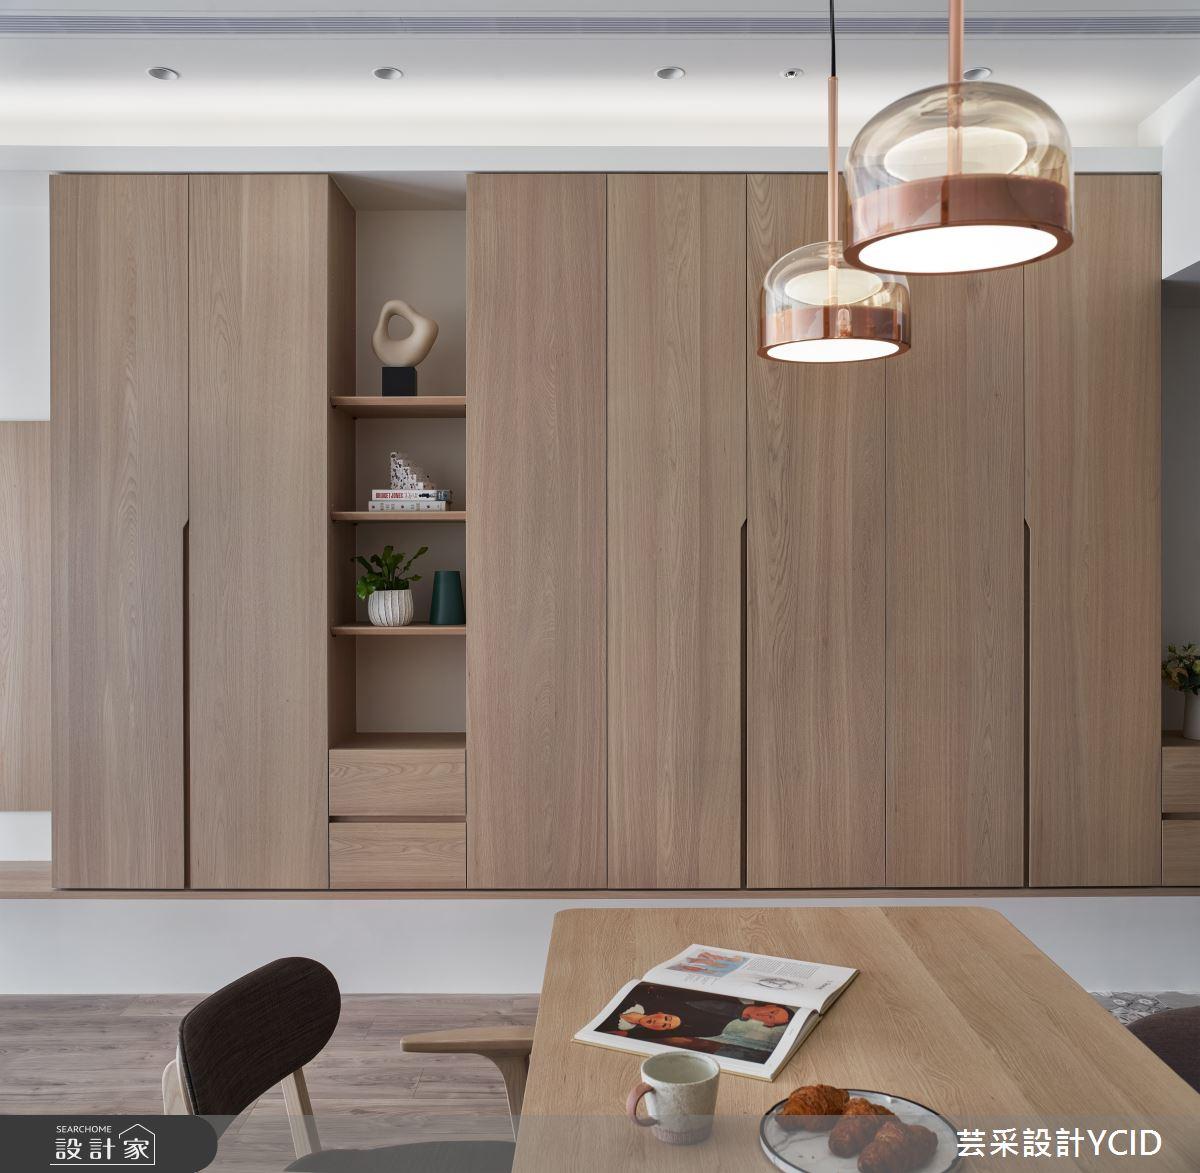 45坪新成屋(5年以下)_混搭風案例圖片_芸采創意空間設計公司_芸采_14之4